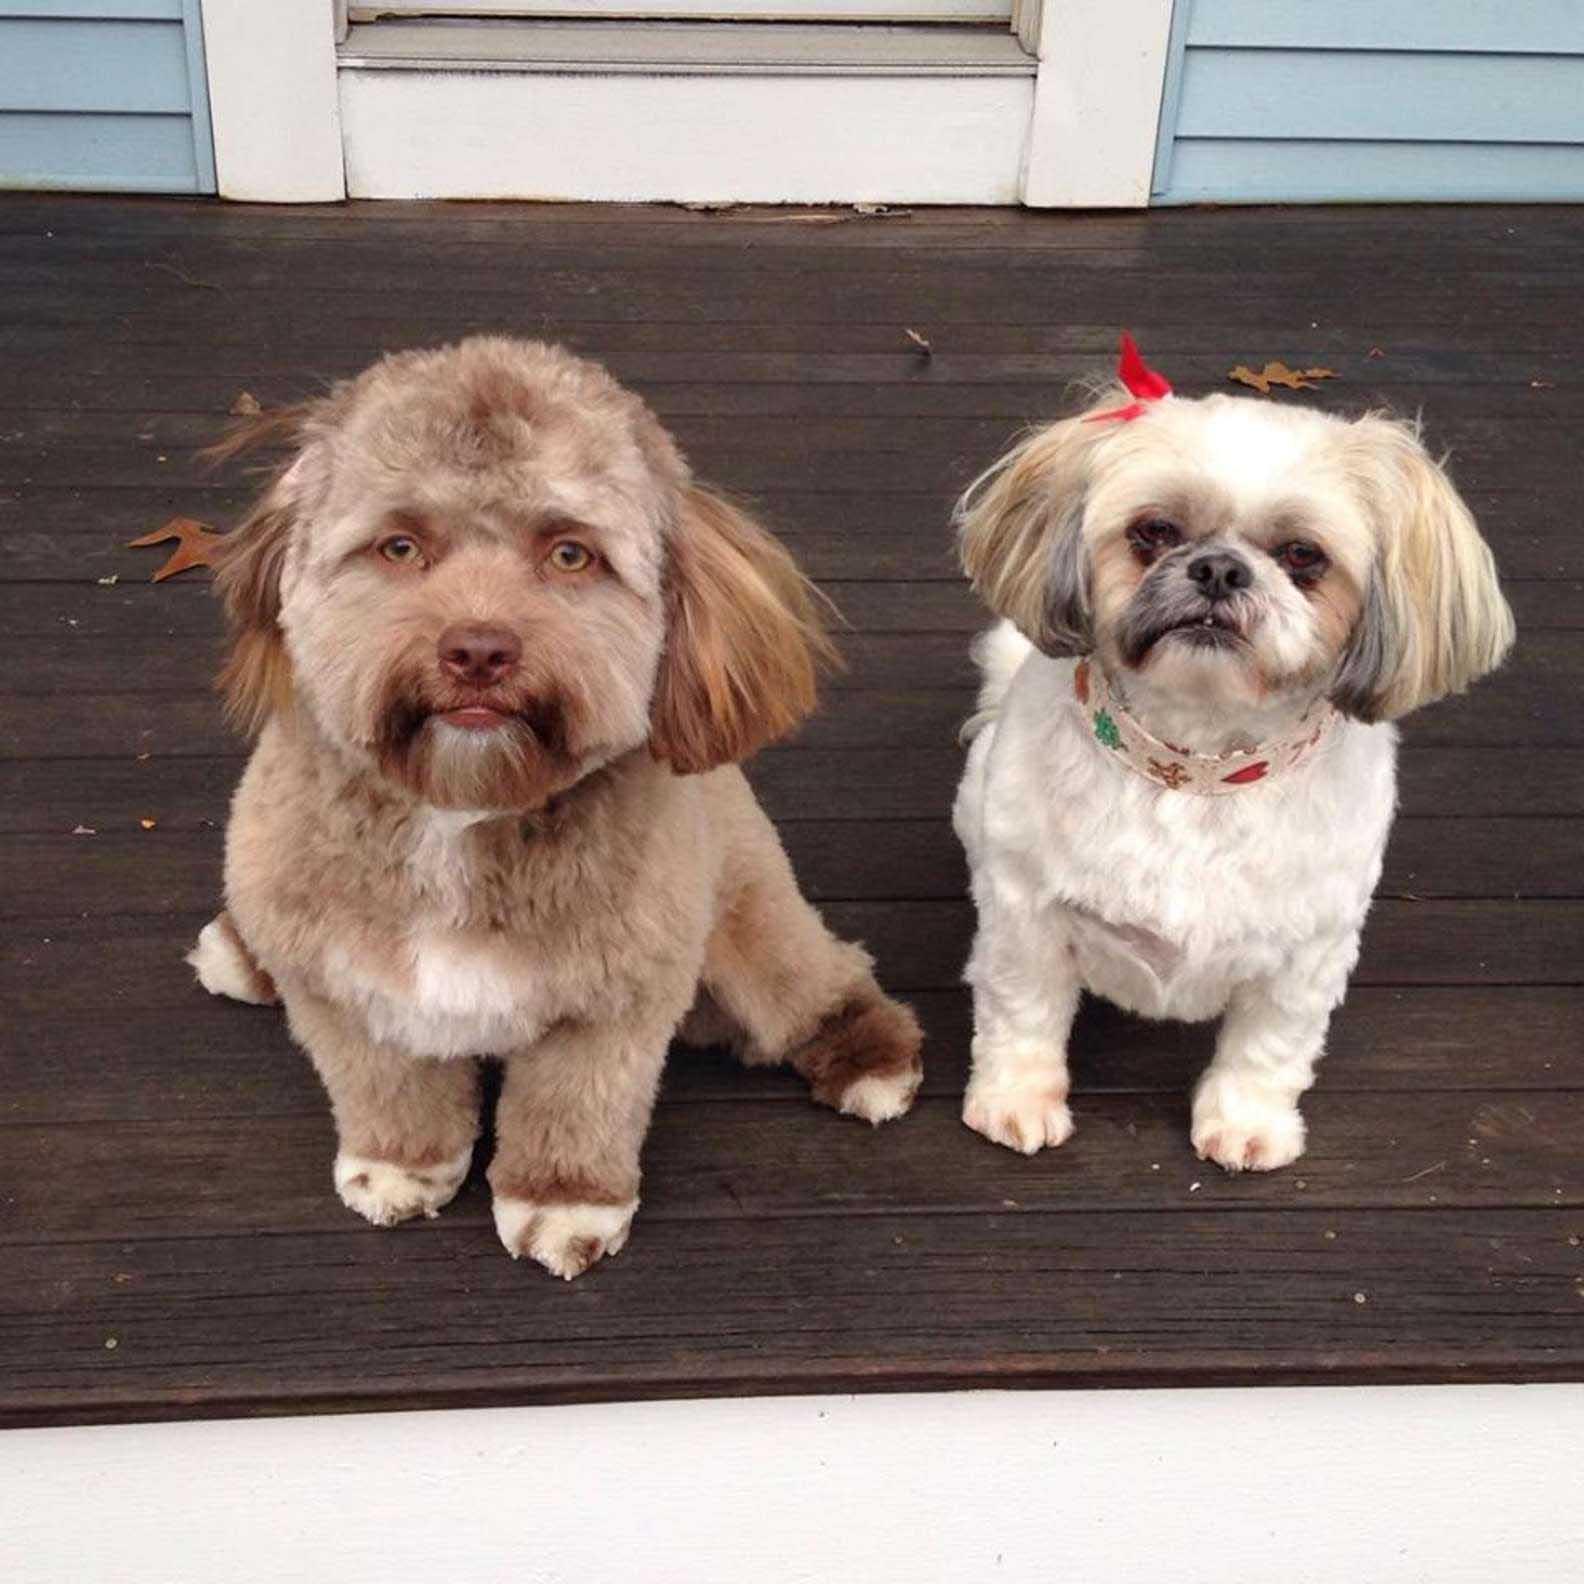 Cachorro com estranho rosto humano imagens